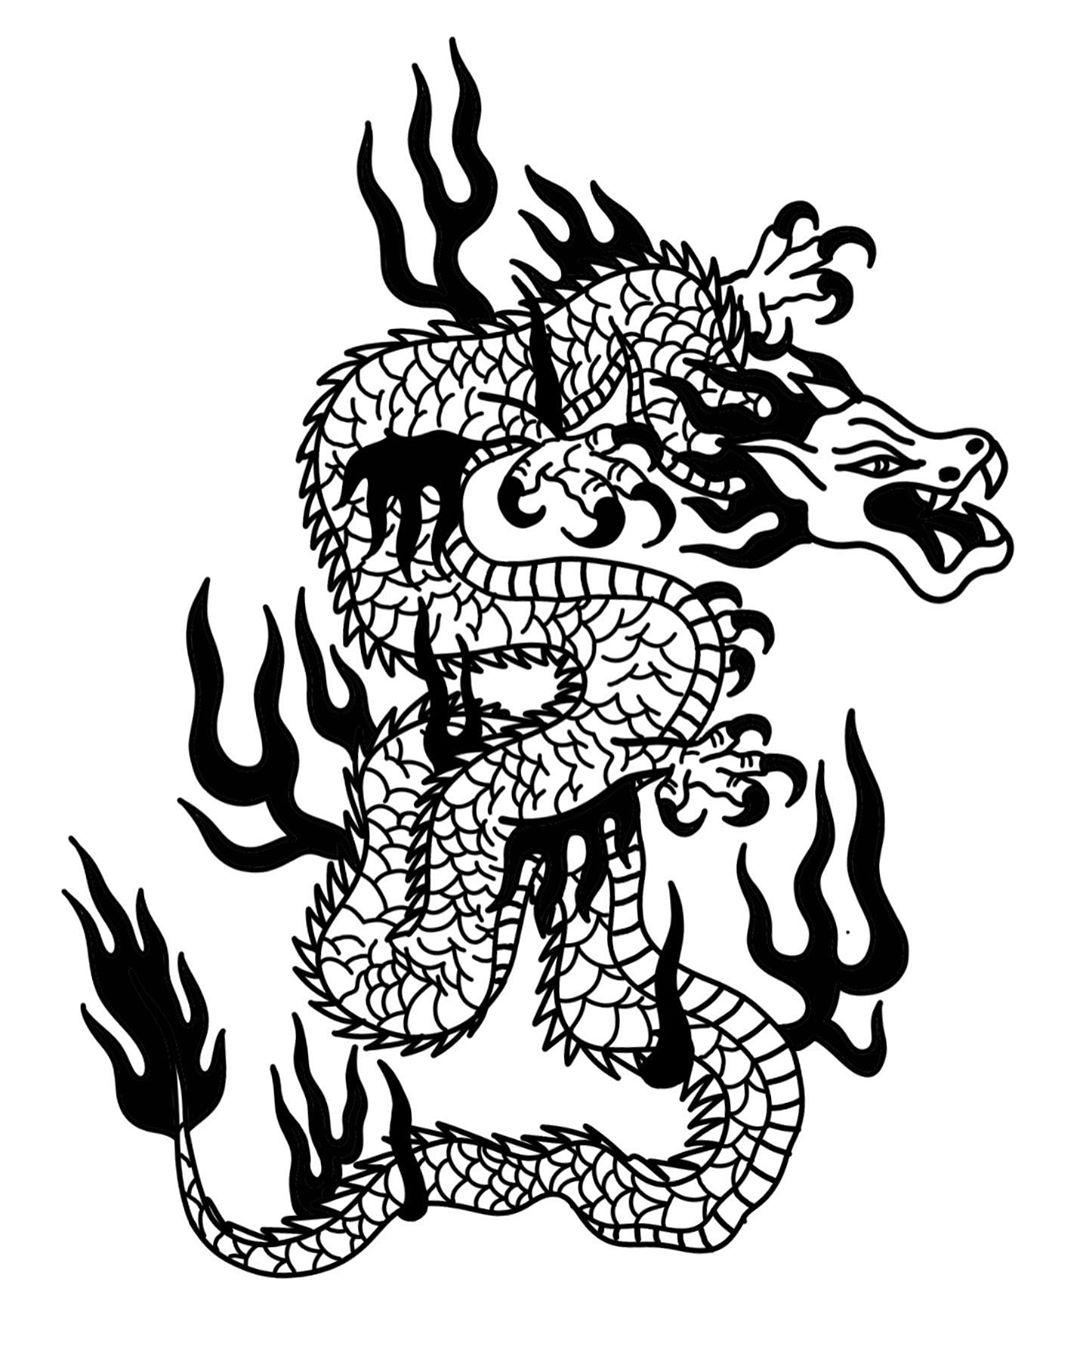 эскиз дракона у огне